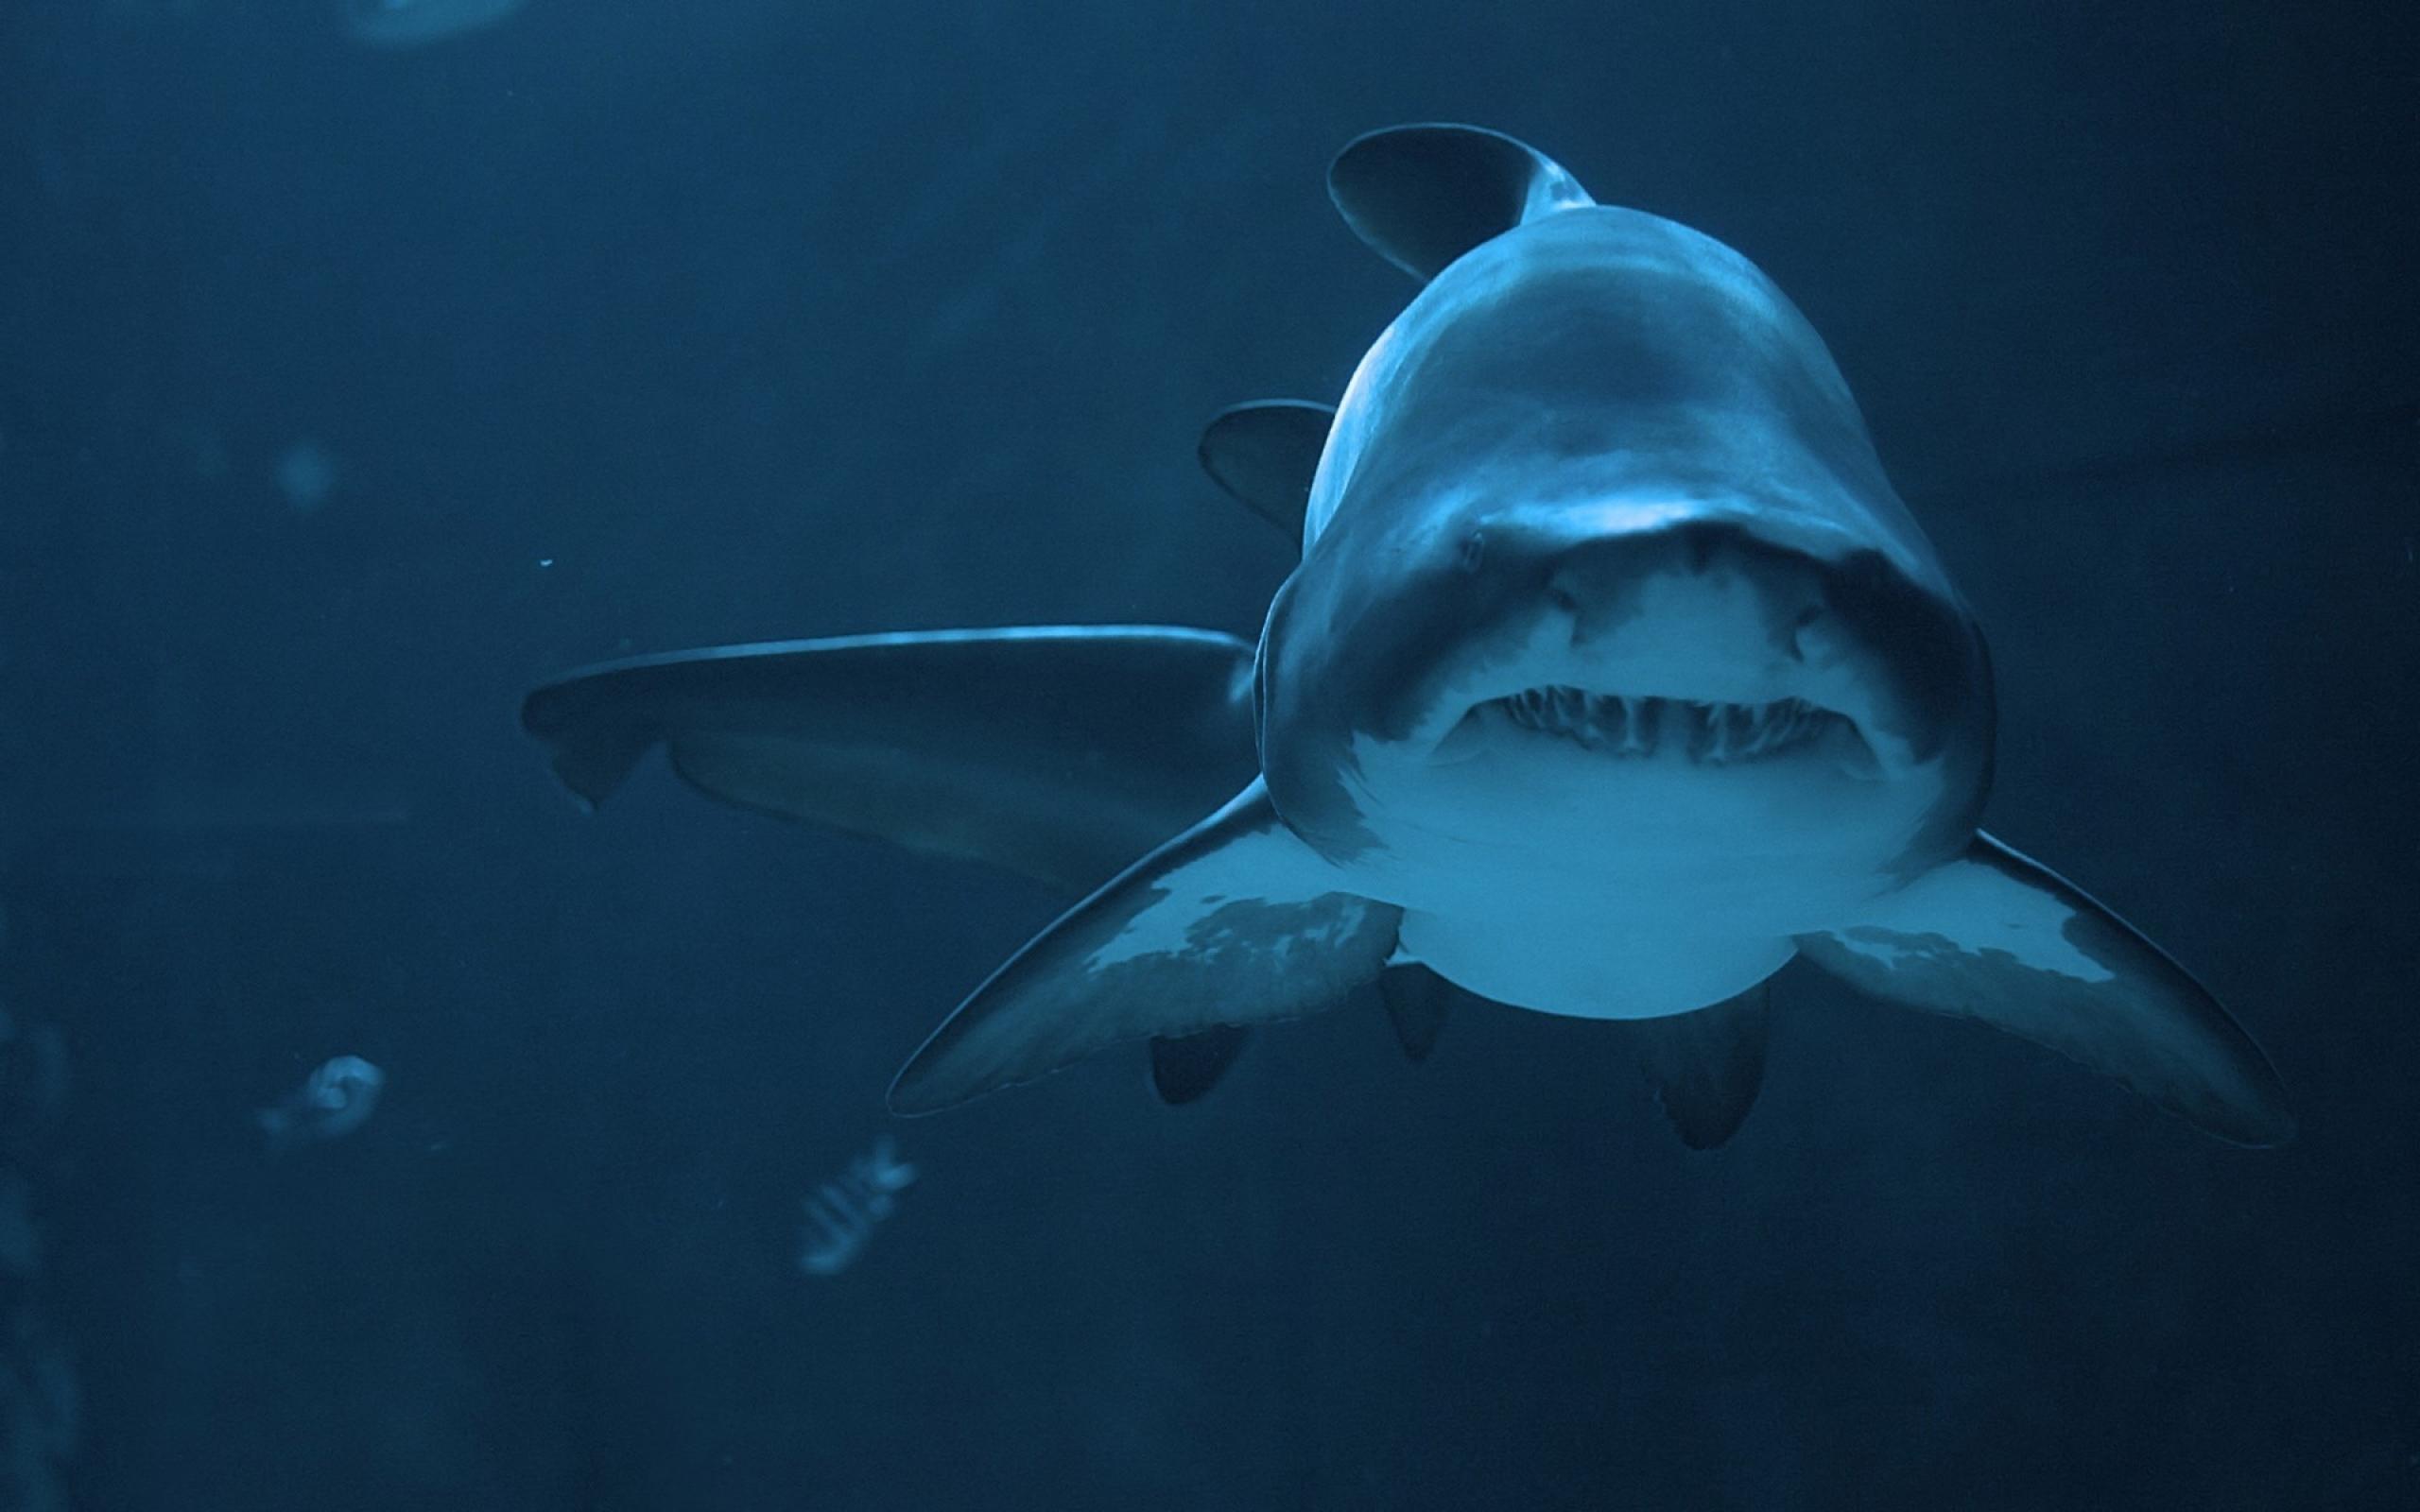 Картинки на телефон акула   подборка (17)